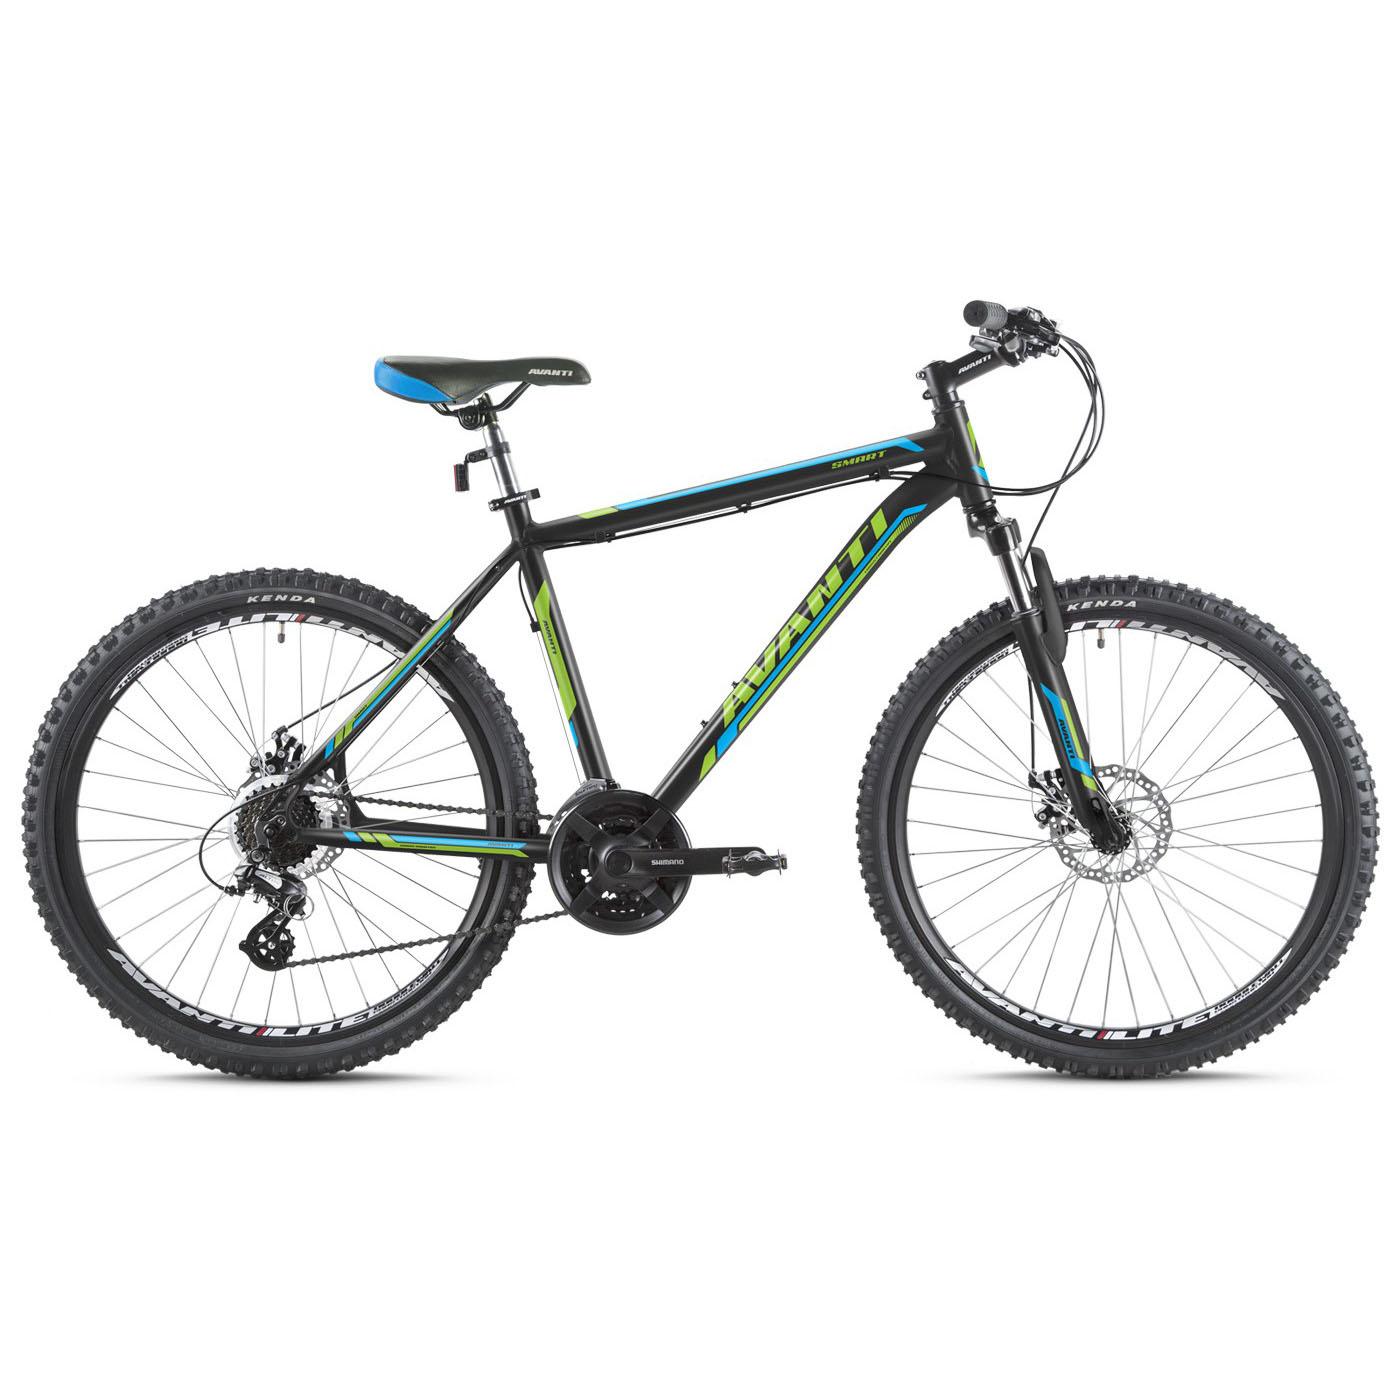 Фото Горный Велосипед   27,5 Avanti Smart disk 2016 черно-зеленый